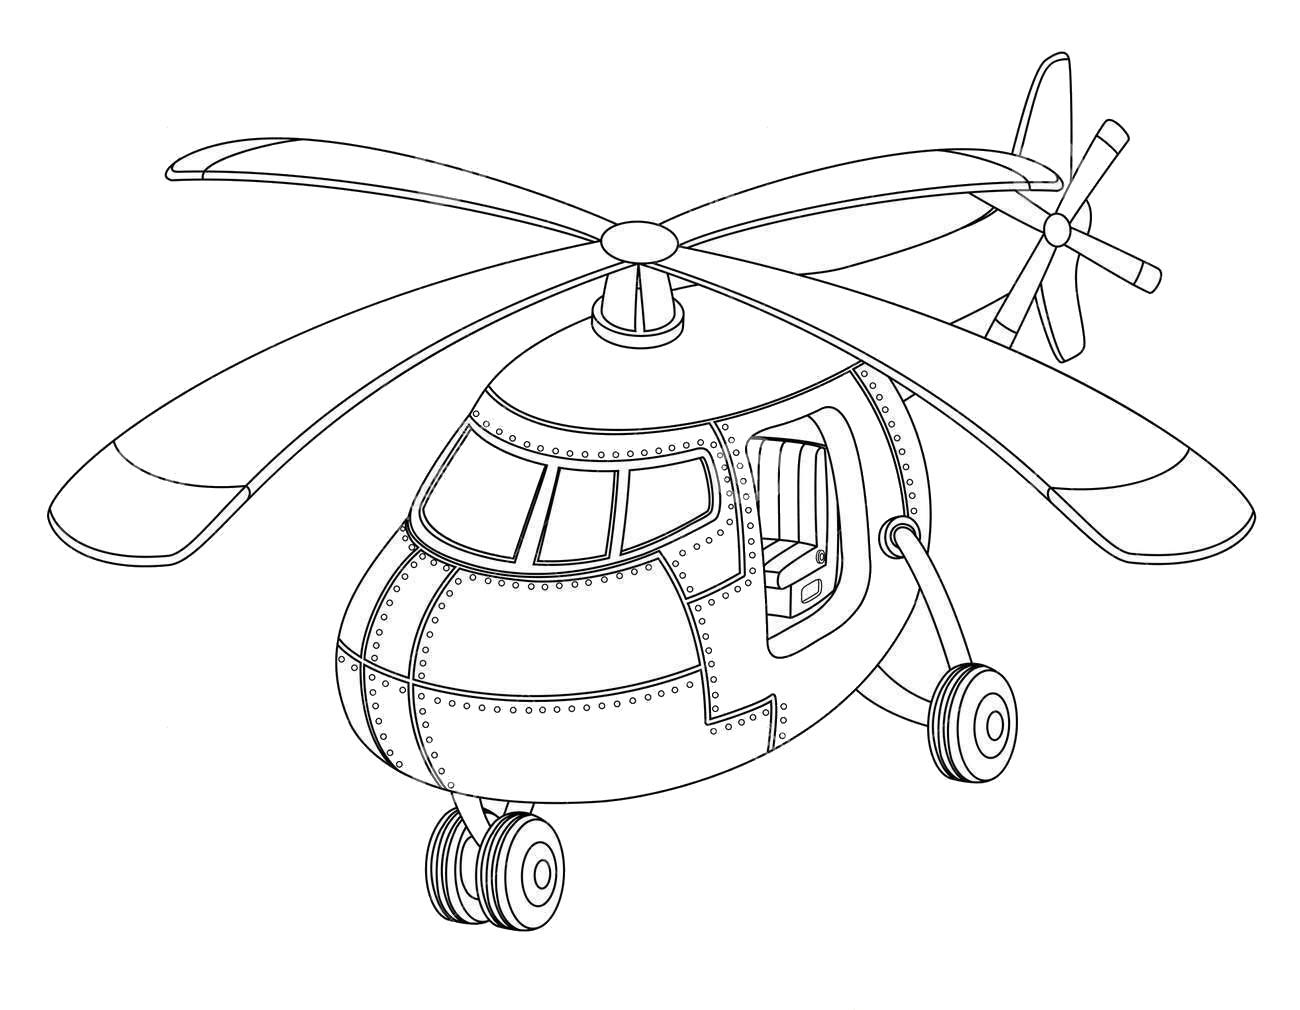 Tranh tô màu máy bay trực thăng chất, ngầu